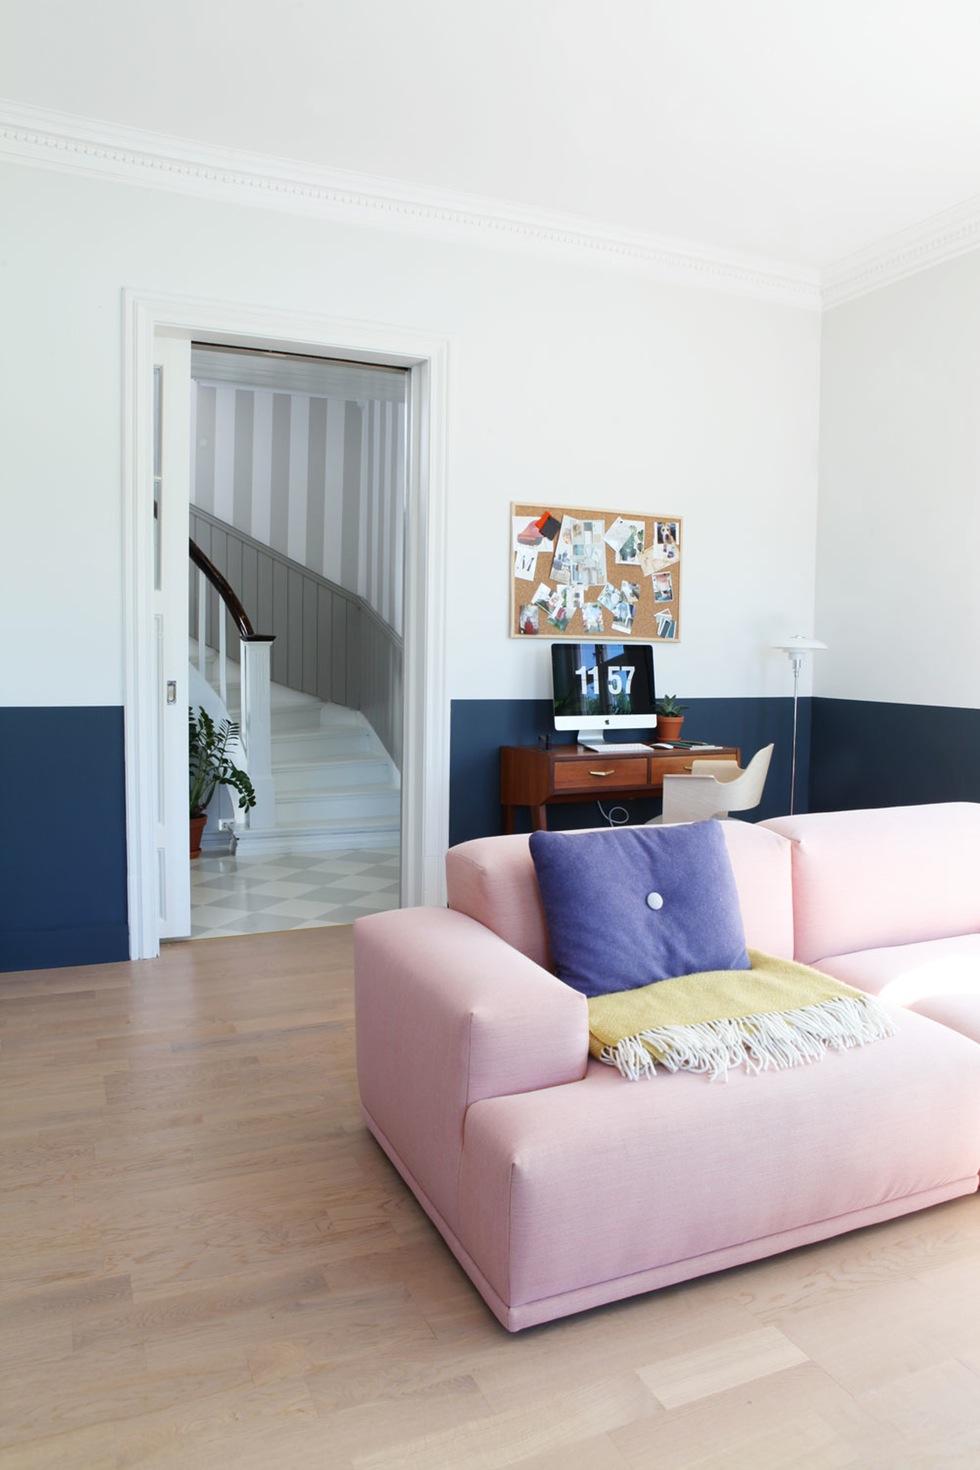 Bleu indigo en décoration d'intérieur || L'intérieur de Martin et Martin Velger